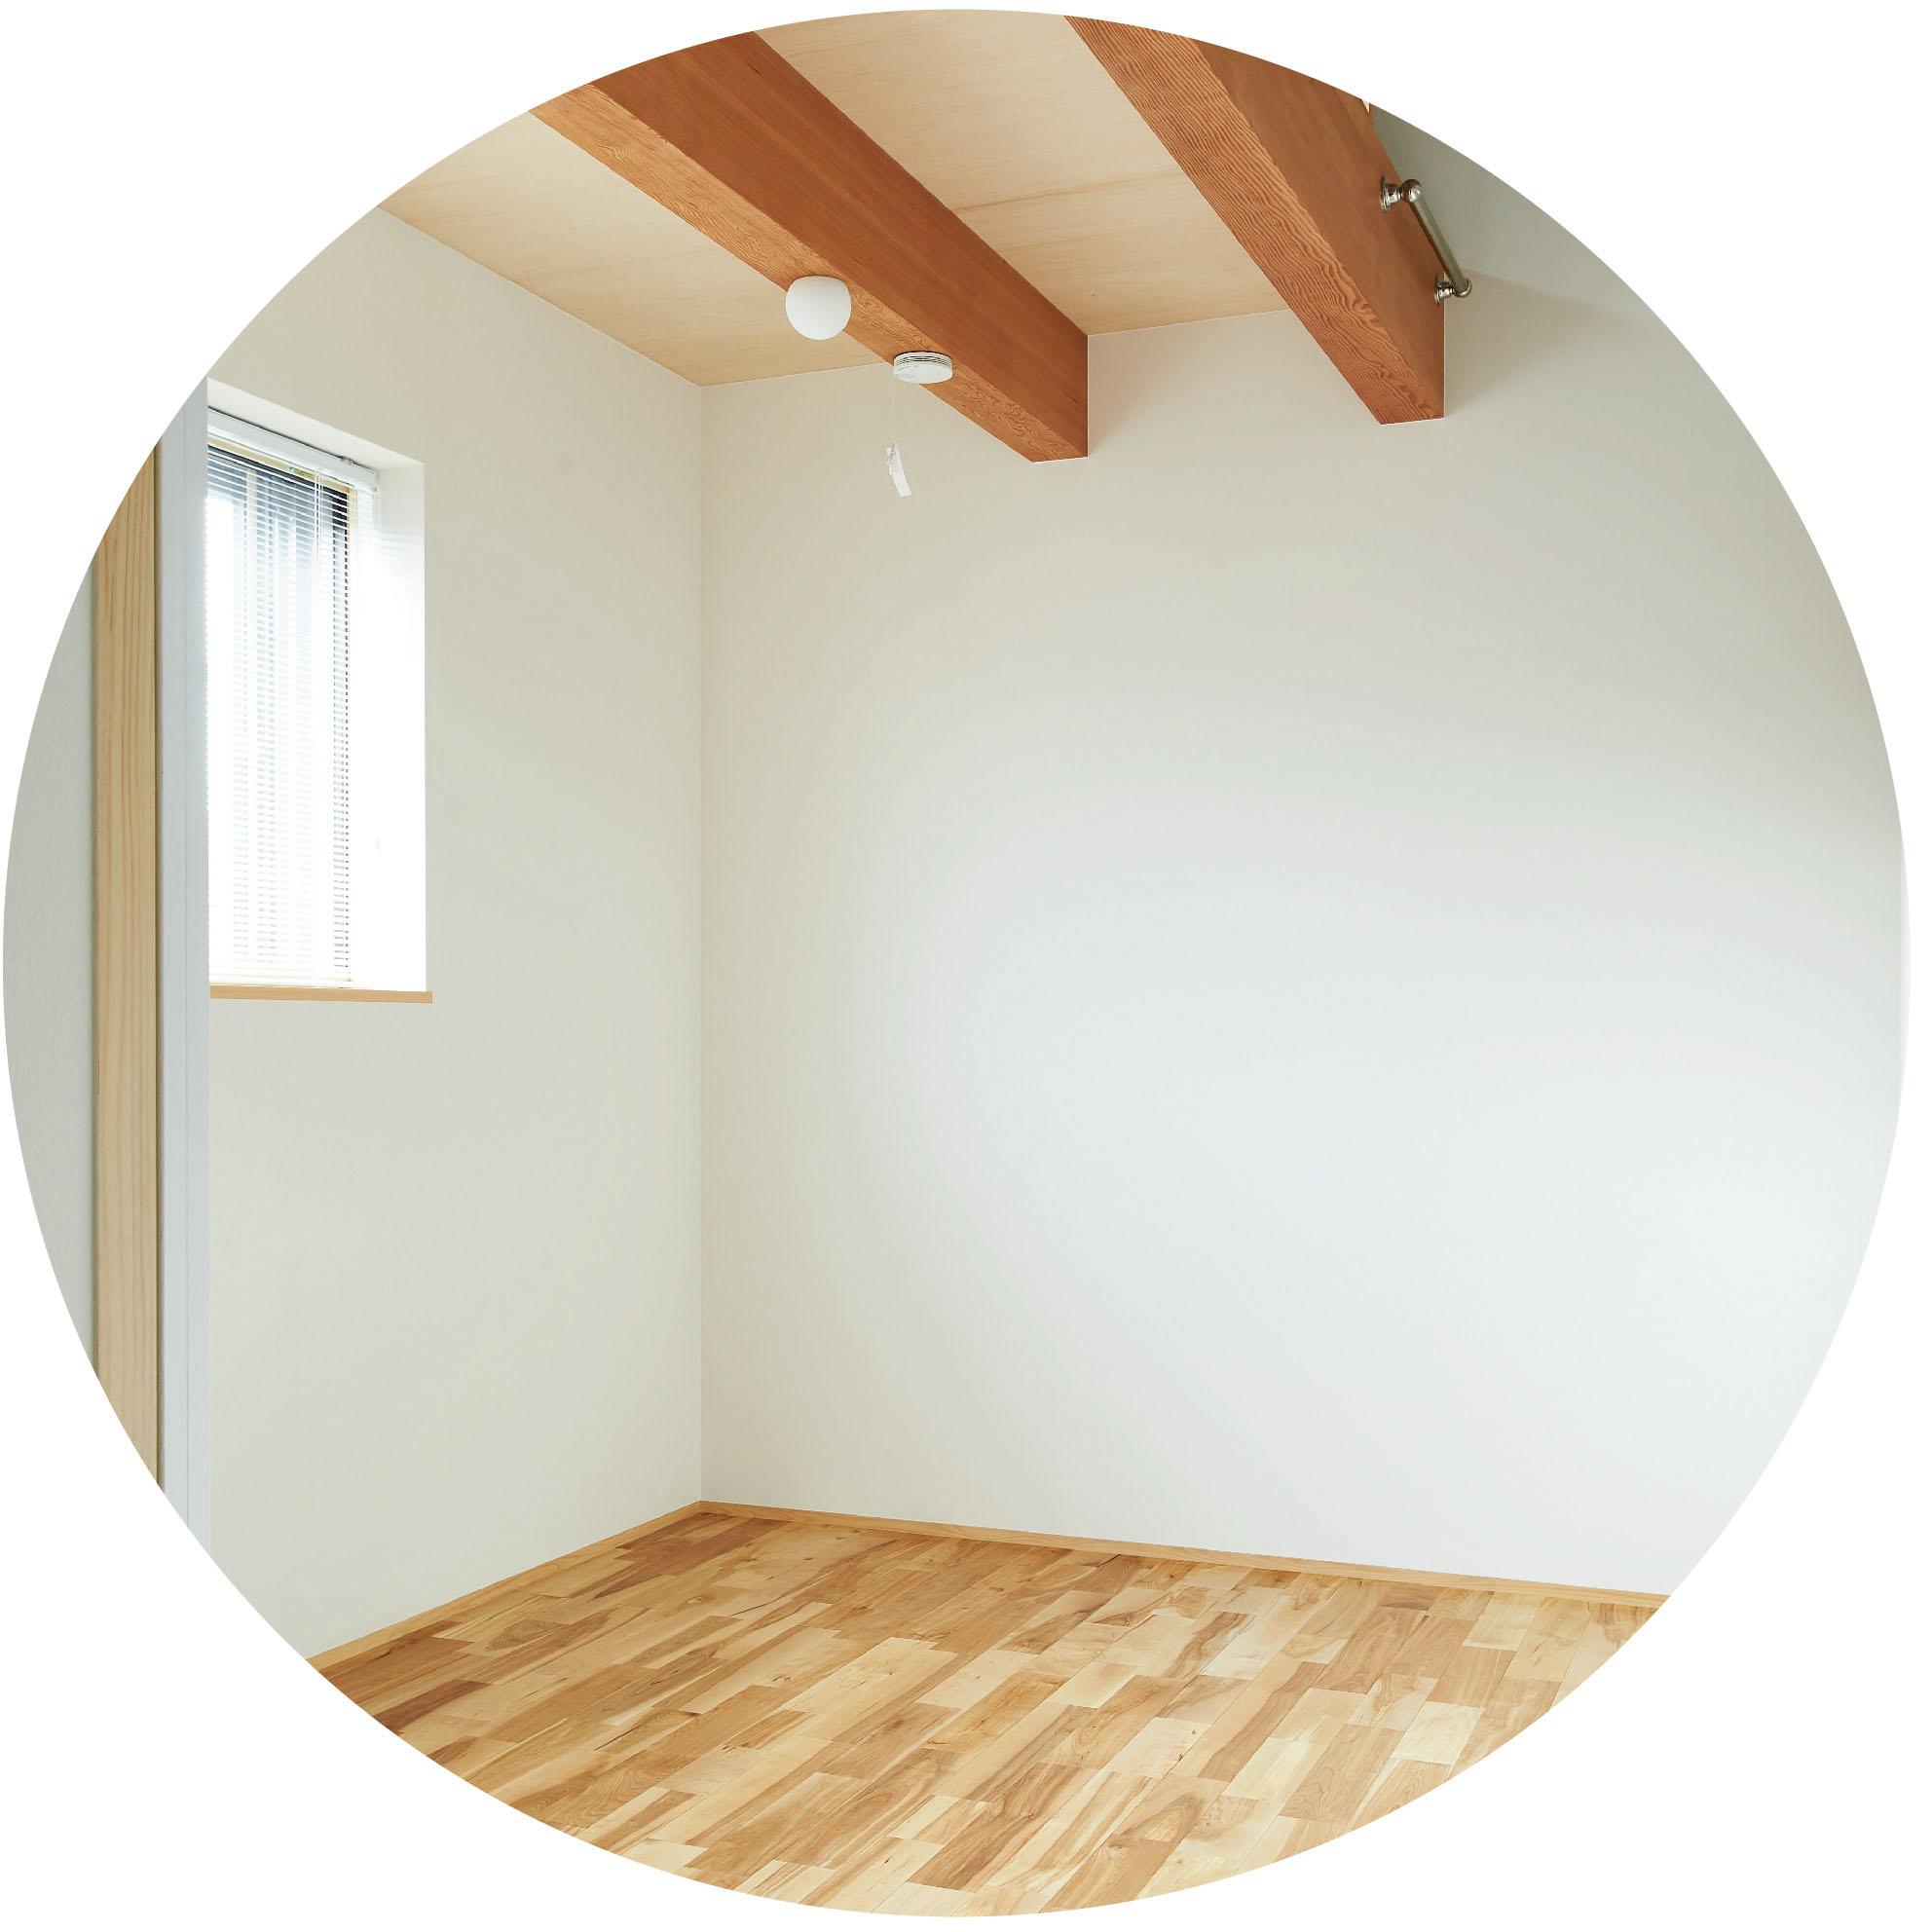 化学物質を含まない100%自然素材を使用したシラス壁は、熟練の左官職人によって仕上げられます。室内の湿気を調整し、室内の空気を適度な湿度に保ちます。